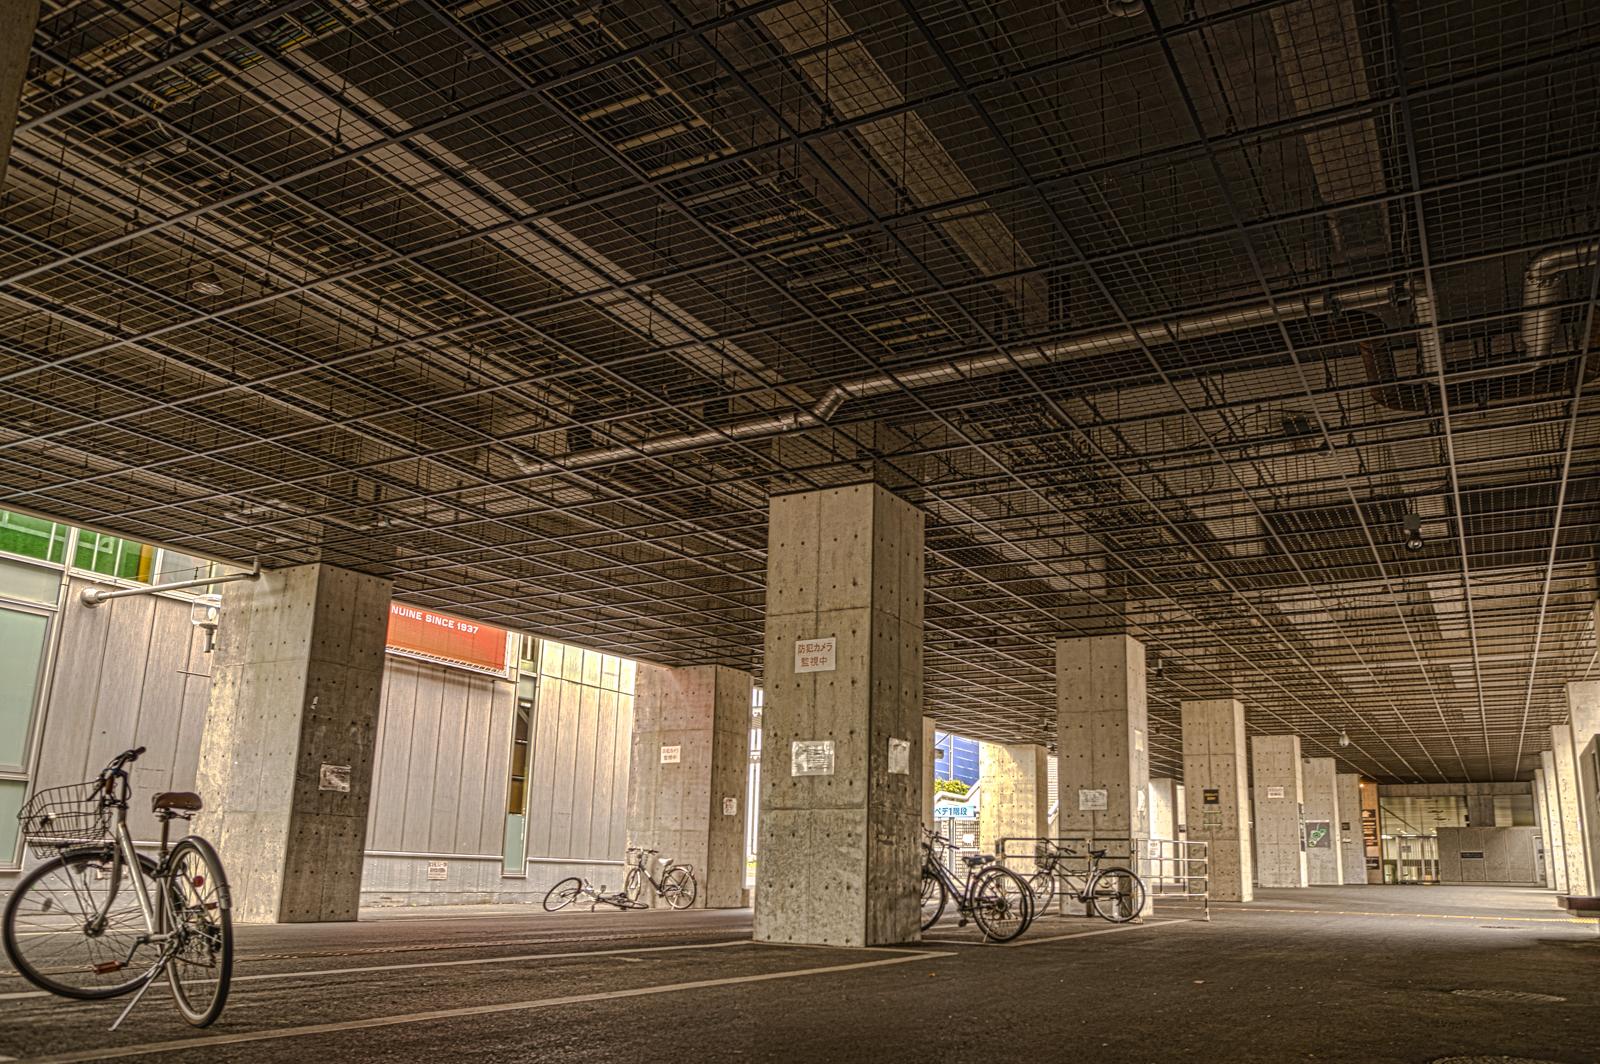 味の素スタジアム駐車場のHDR写真